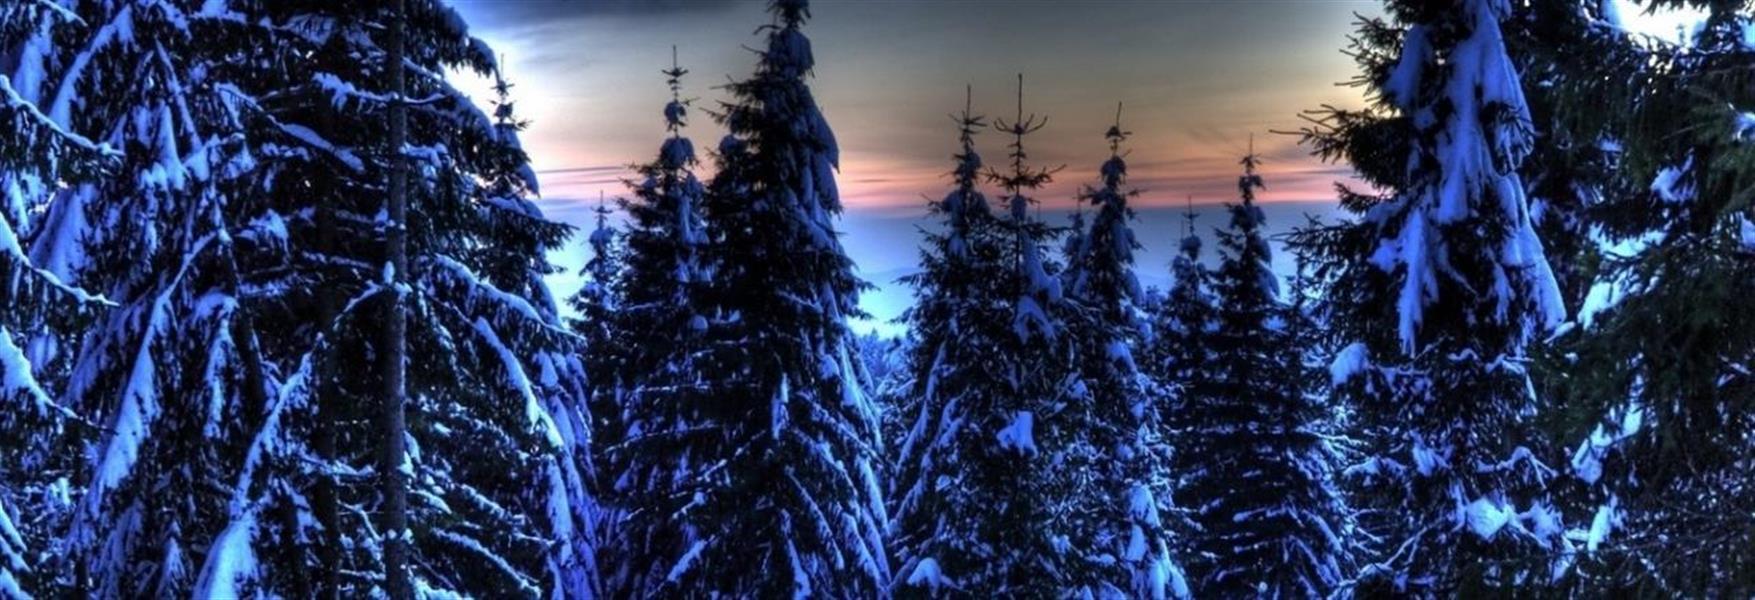 75332583-03aa-40eb-959a-e216d97f53ff_wintertrees.jpg